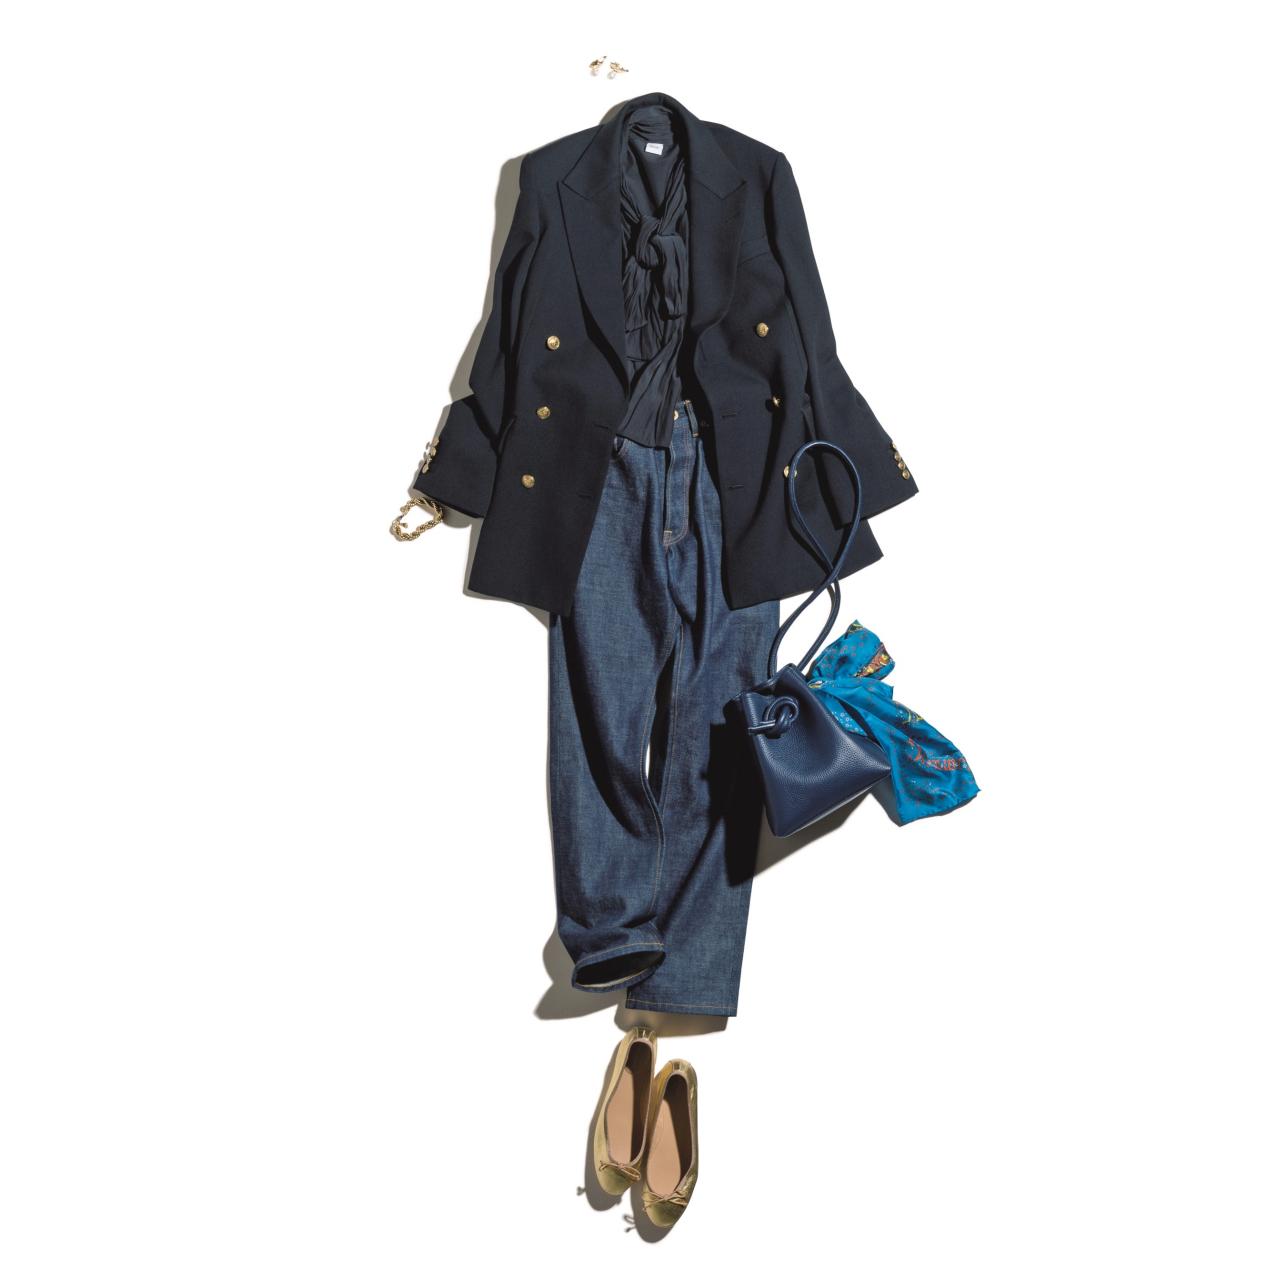 ジャケット×デニムパンツのファッションコーデ